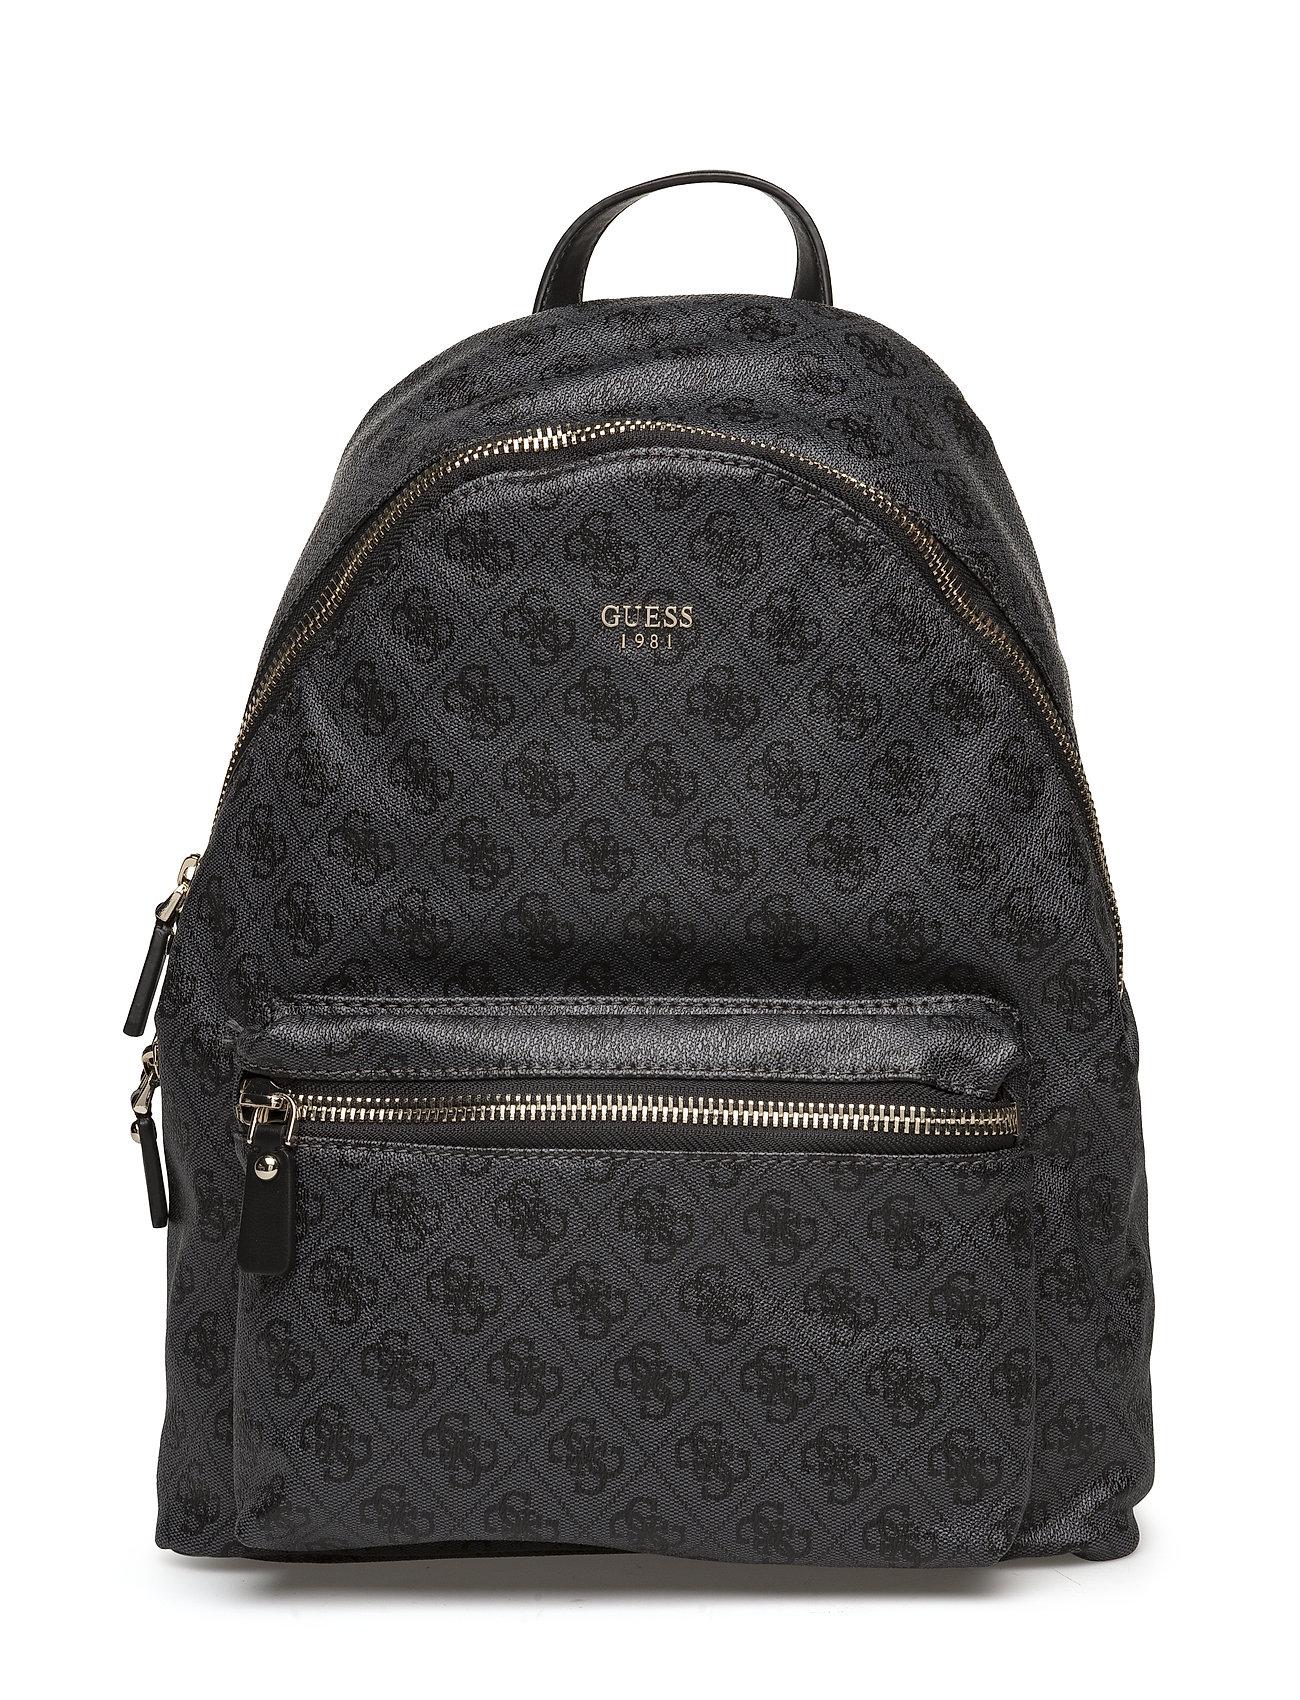 GUESS Leeza Backpack Rucksack Tasche Schwarz GUESS